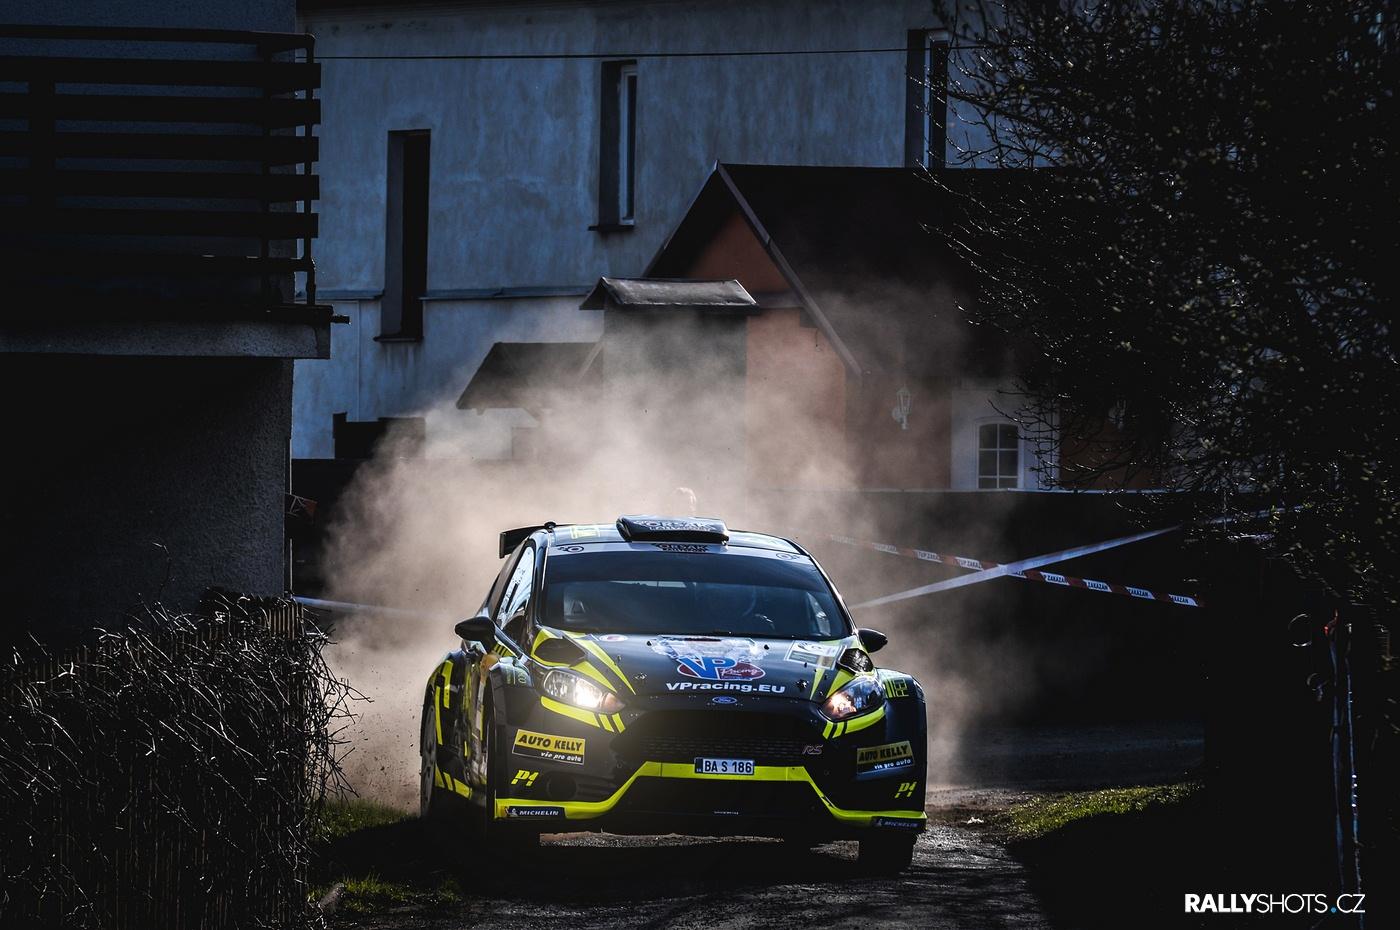 Kowax valašská rally valmez 2019